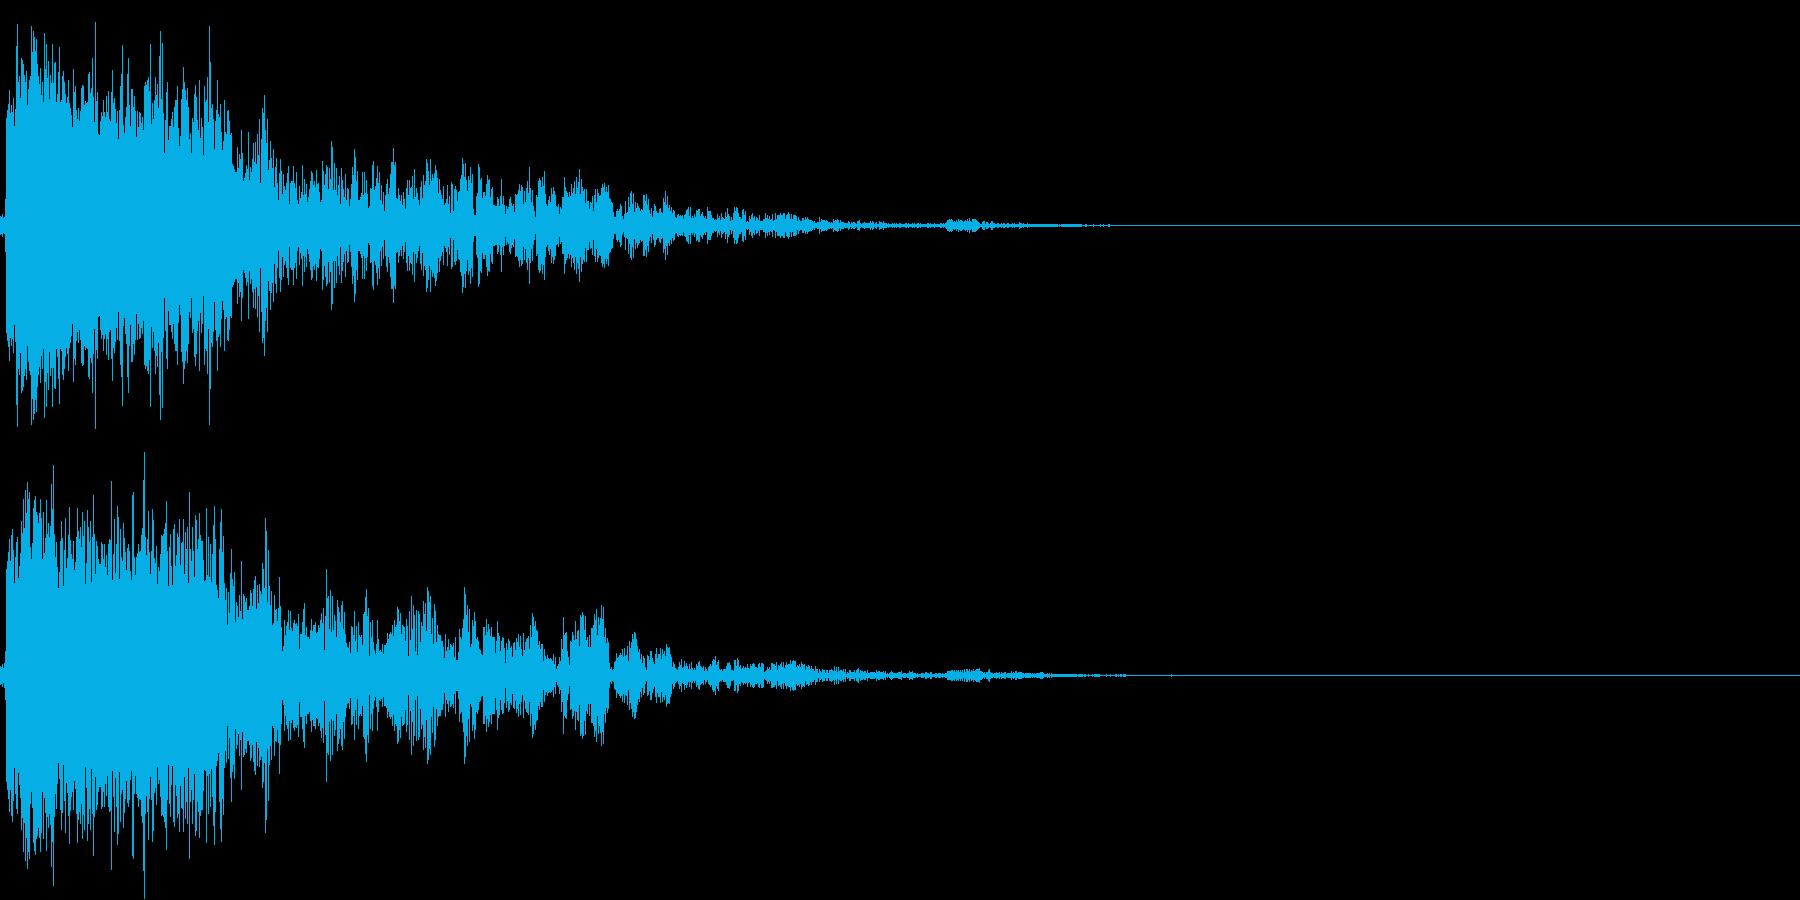 アニメ系のロボット爆発、破壊の効果音01の再生済みの波形